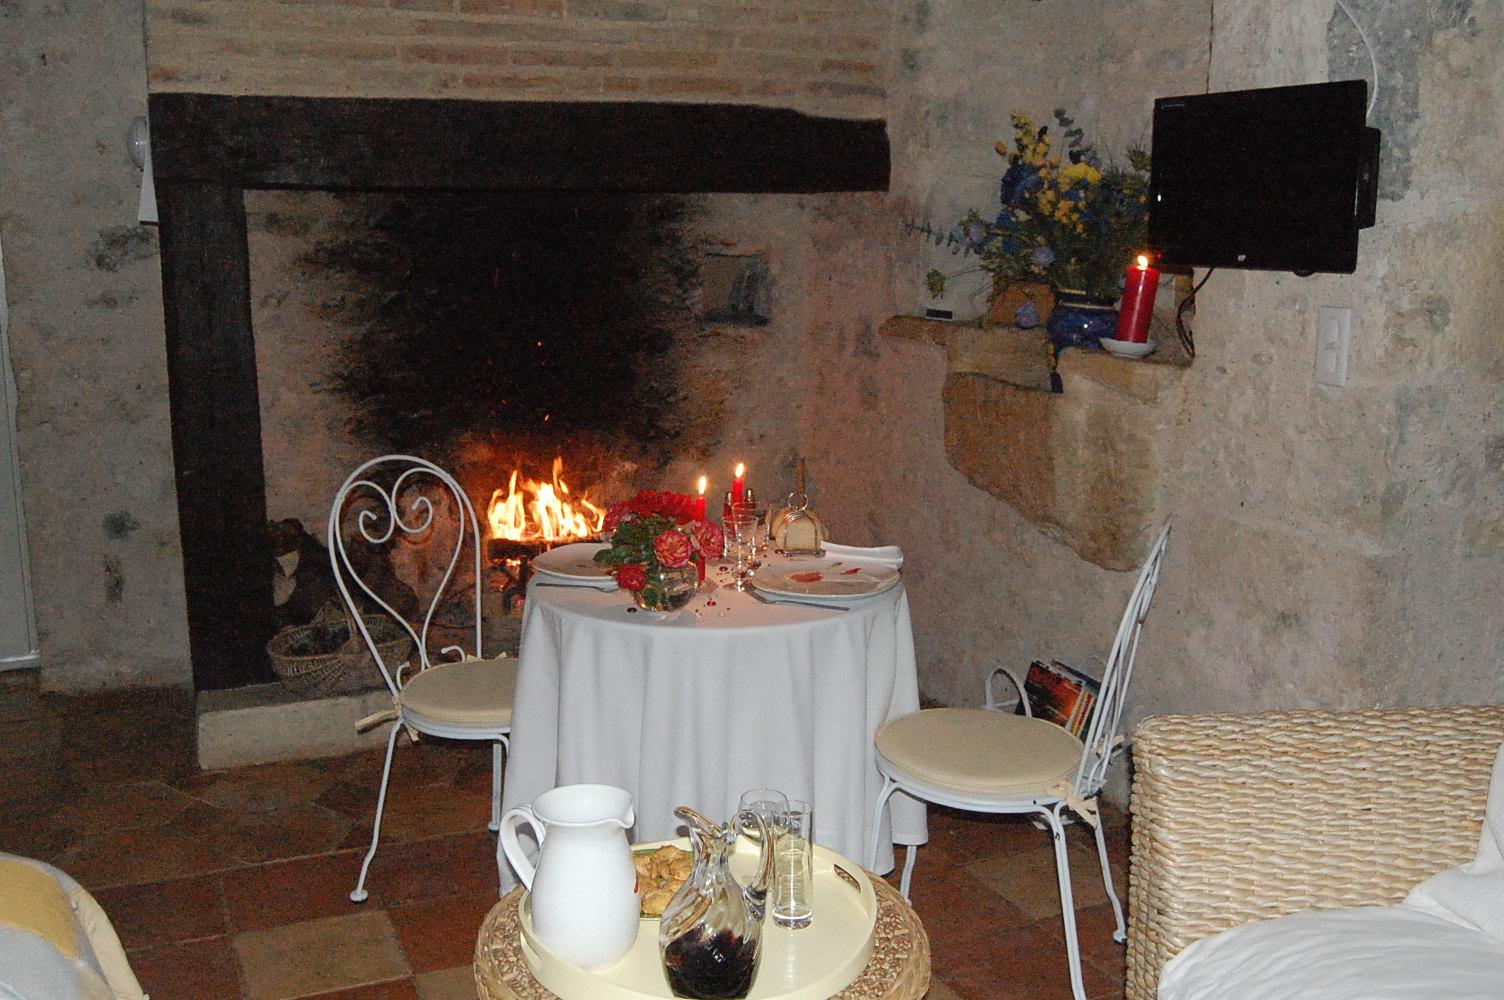 chambre d'hôte avec cheminée, repas aux chandelles avec feu de cheminée, week end amoureux avec cheminée, chambre avec cheminée, séjour romantique avec cheminée